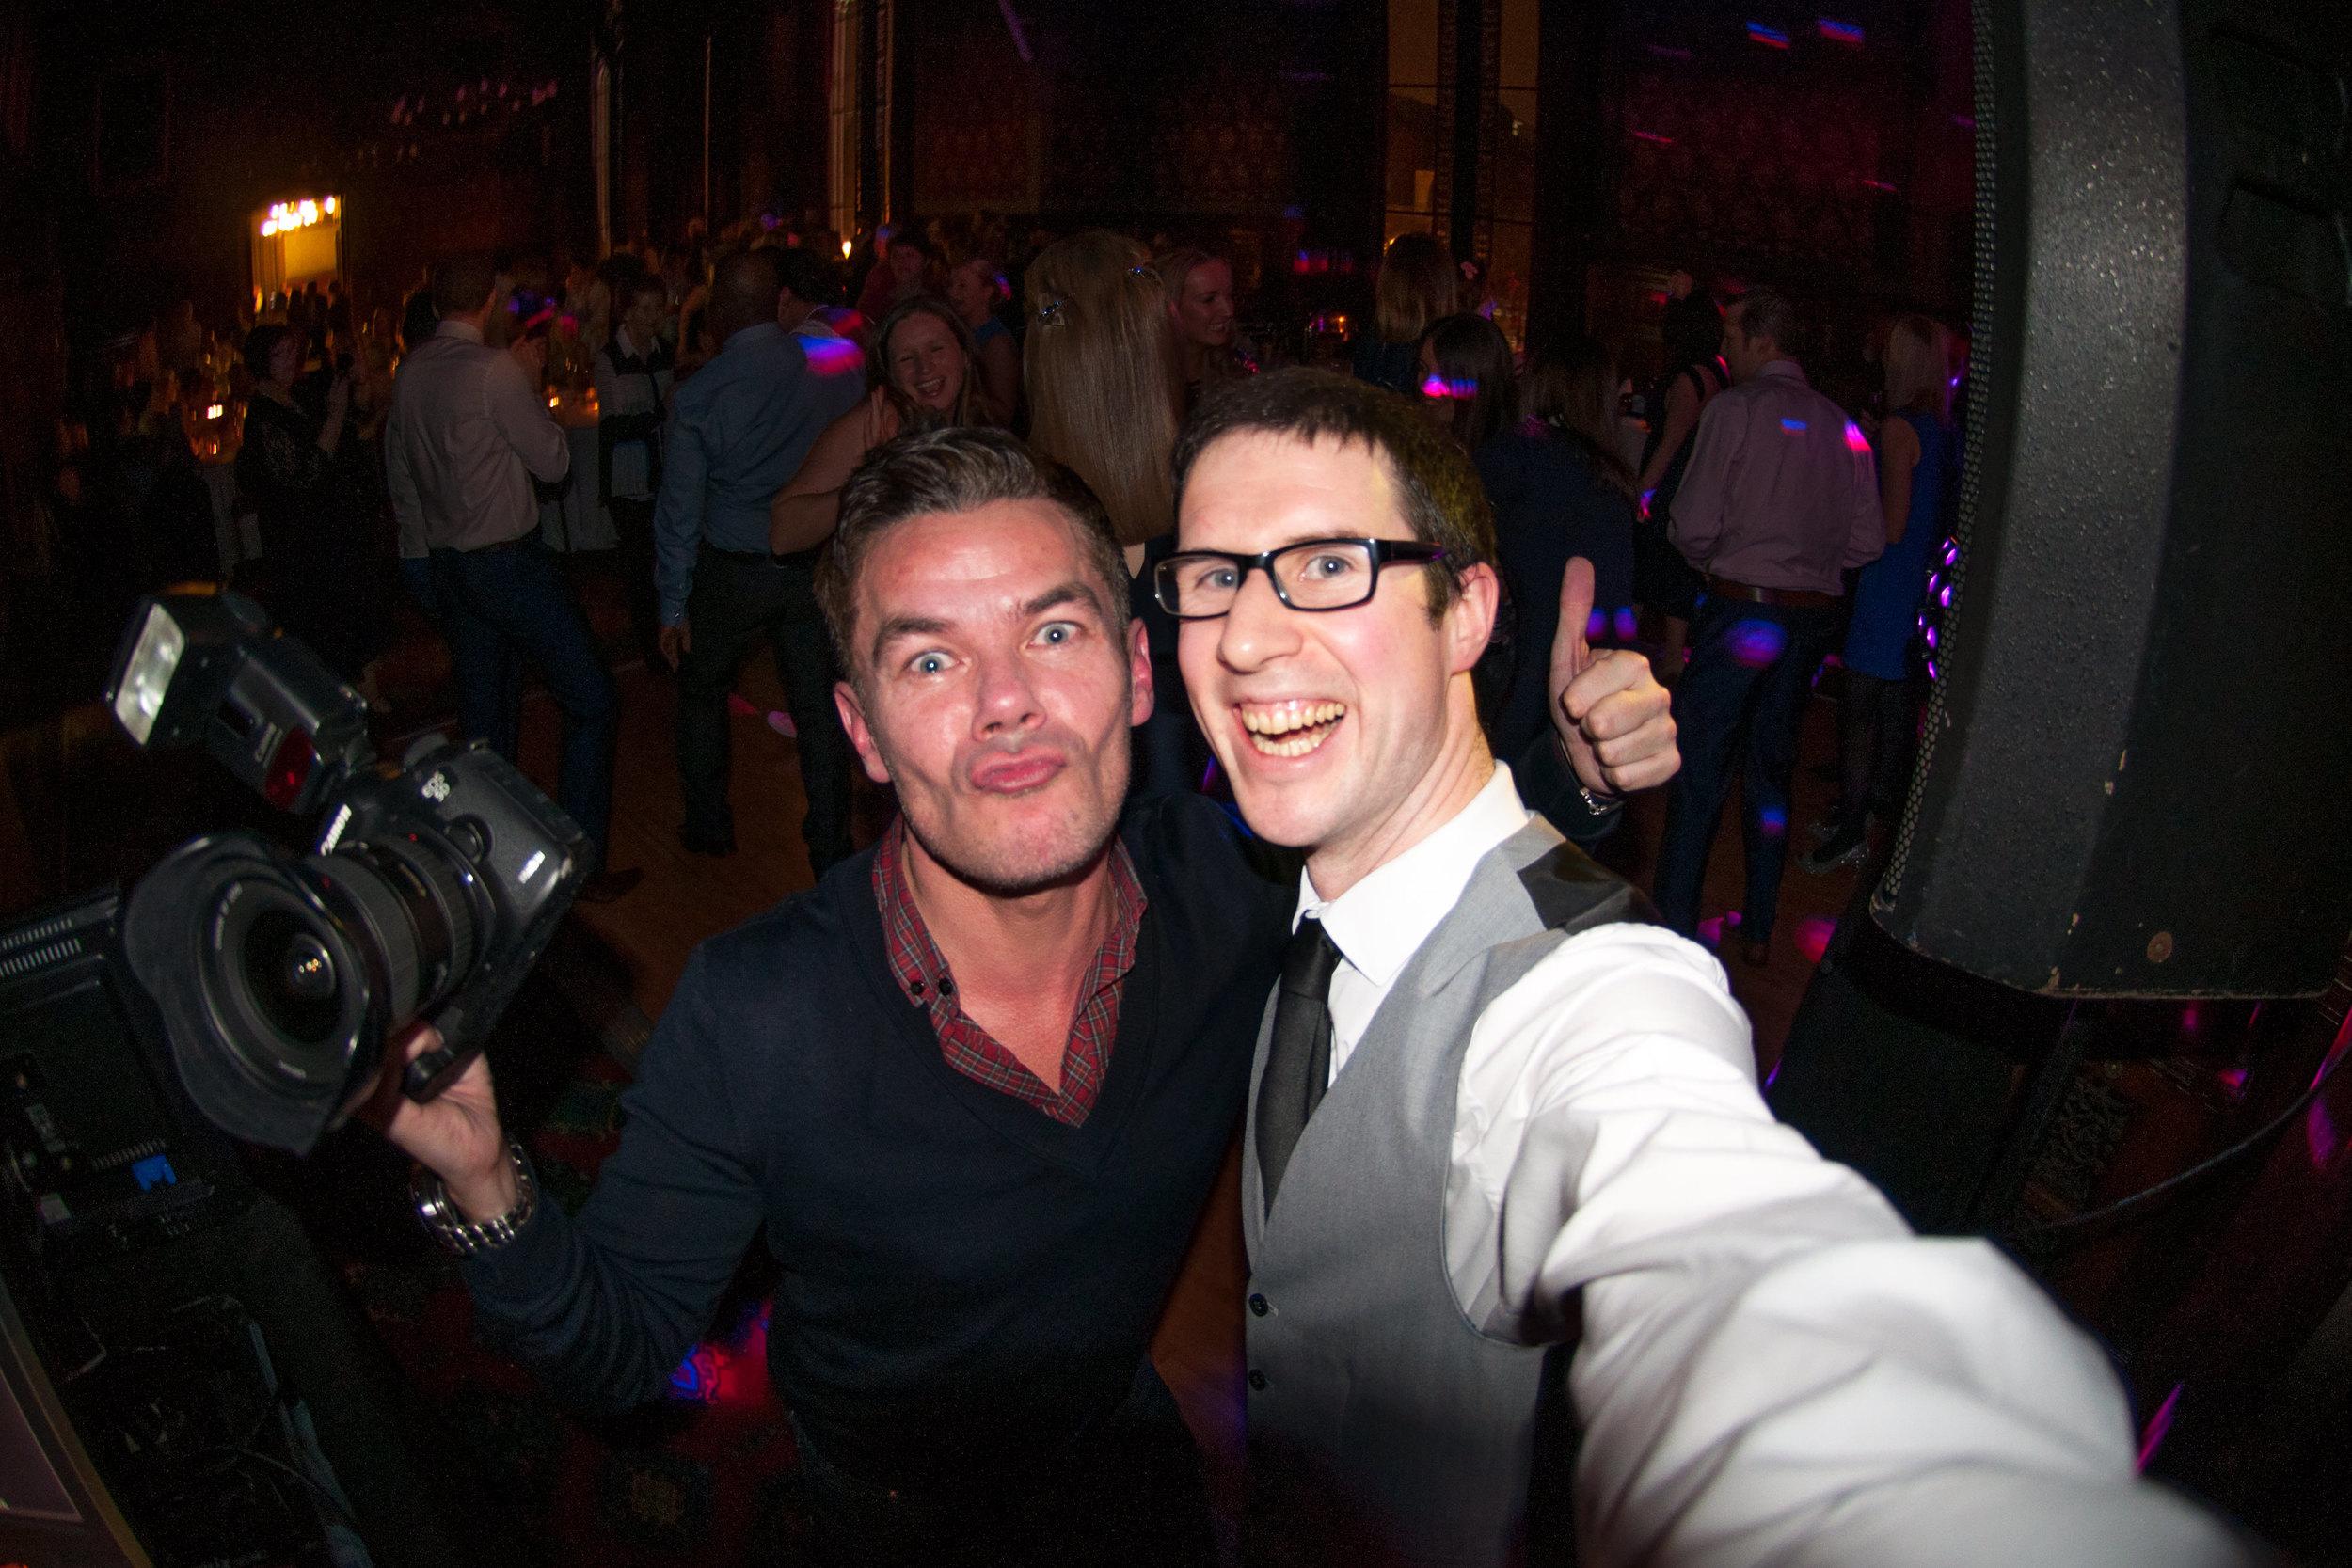 Fish-Eye Lens selfie of Damian and Adam